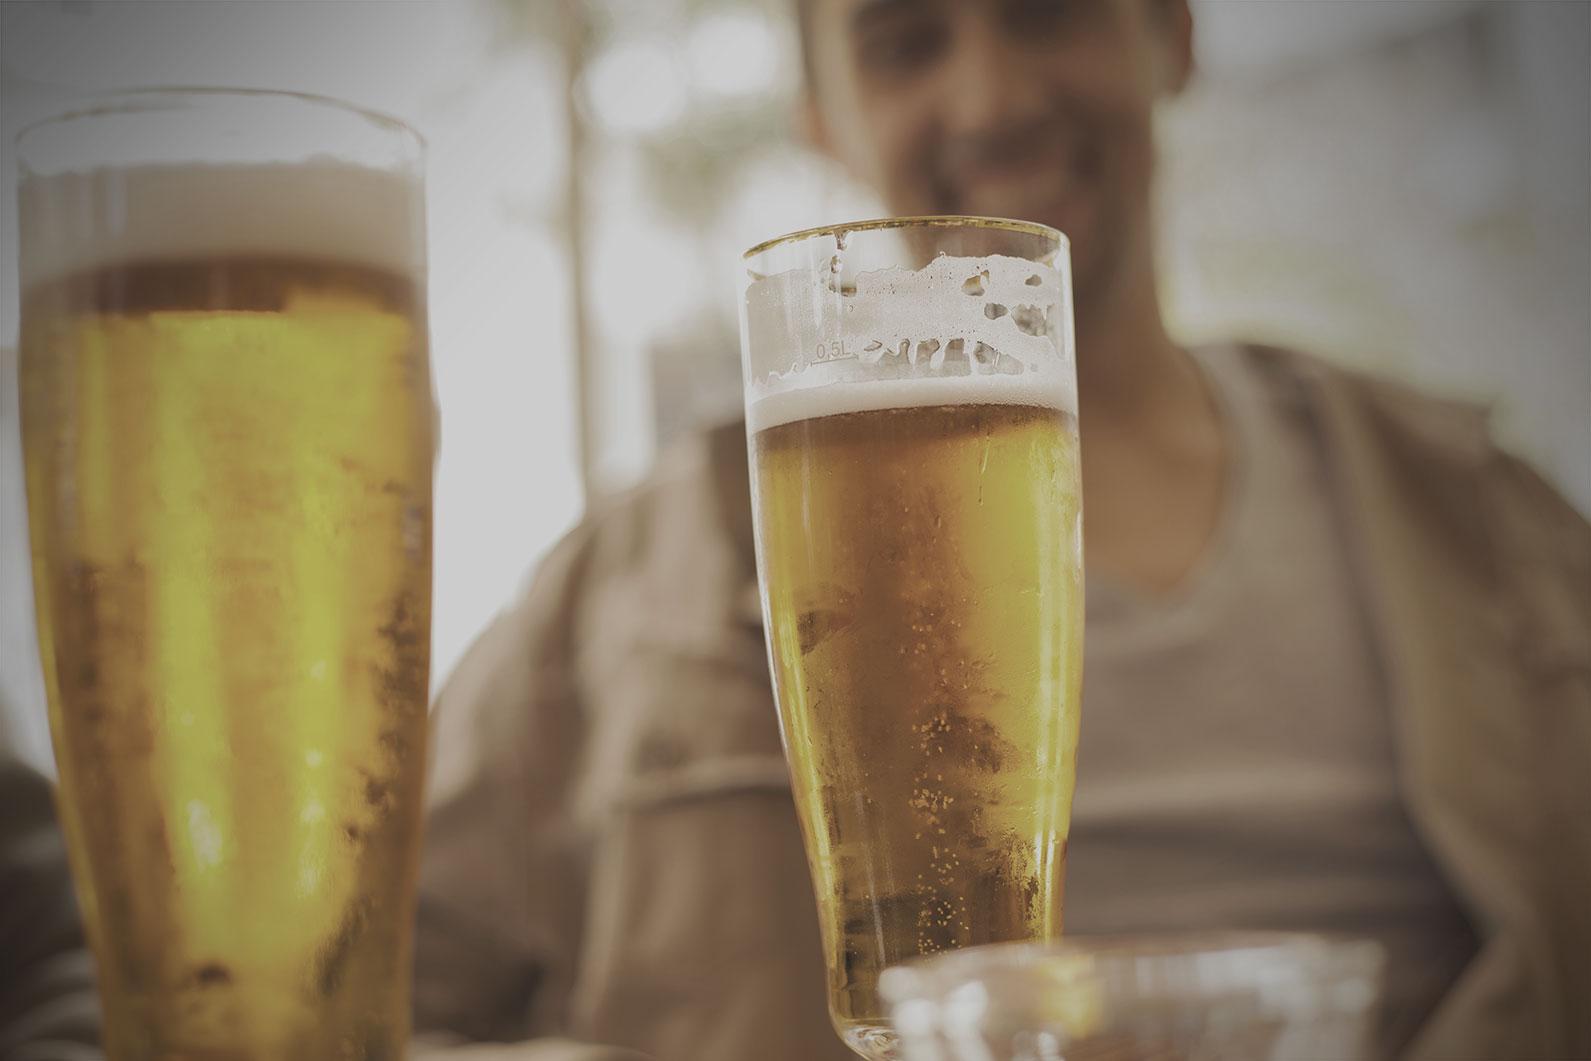 HB Beer Co